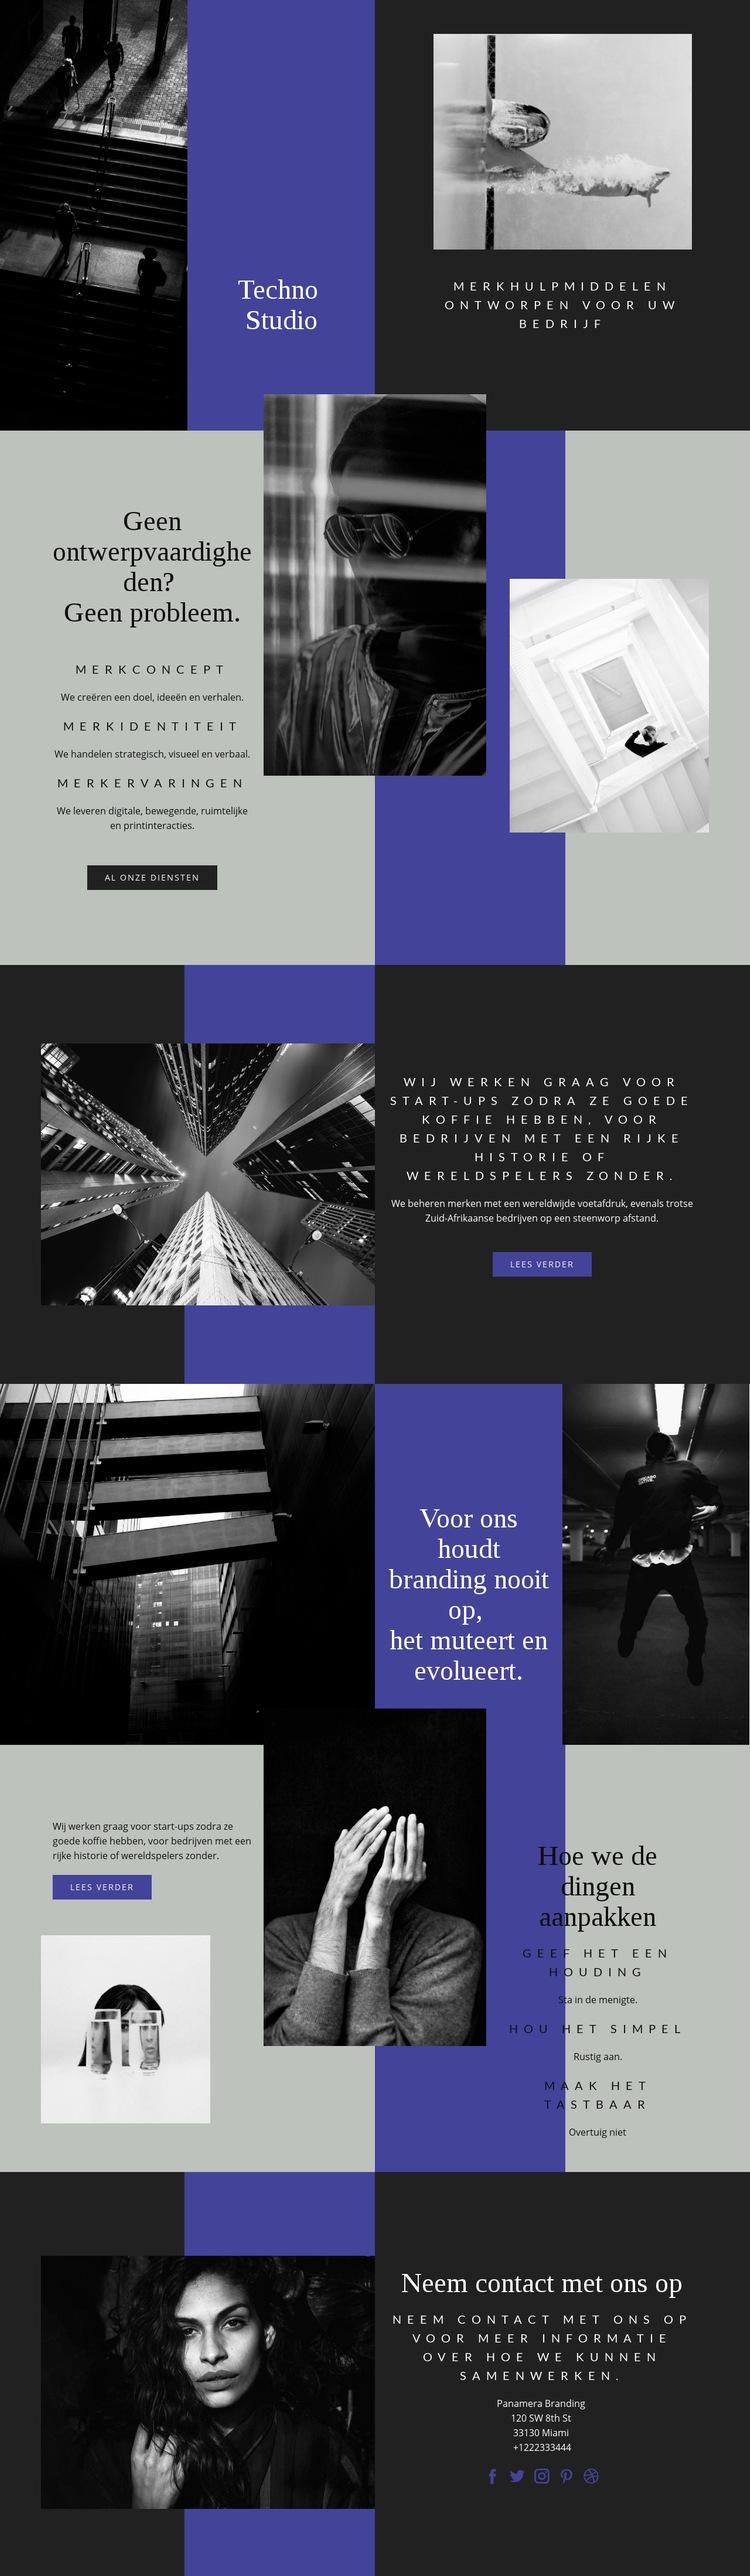 Technologische vaardigheden in het bedrijfsleven Website sjabloon